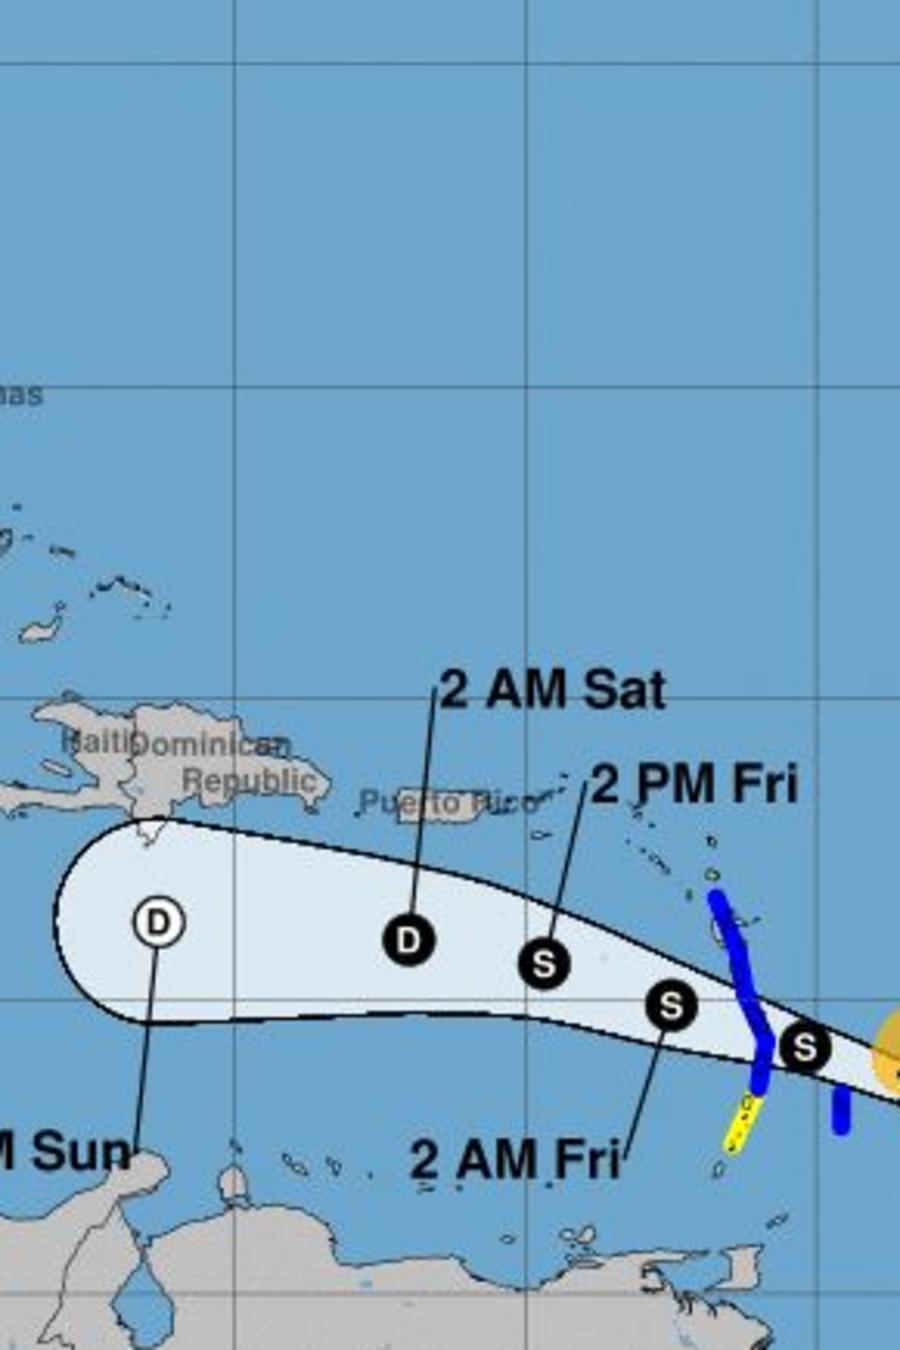 La tormenta tropical Kirk se acerca a las Antillas Menores a 16 millas por hora